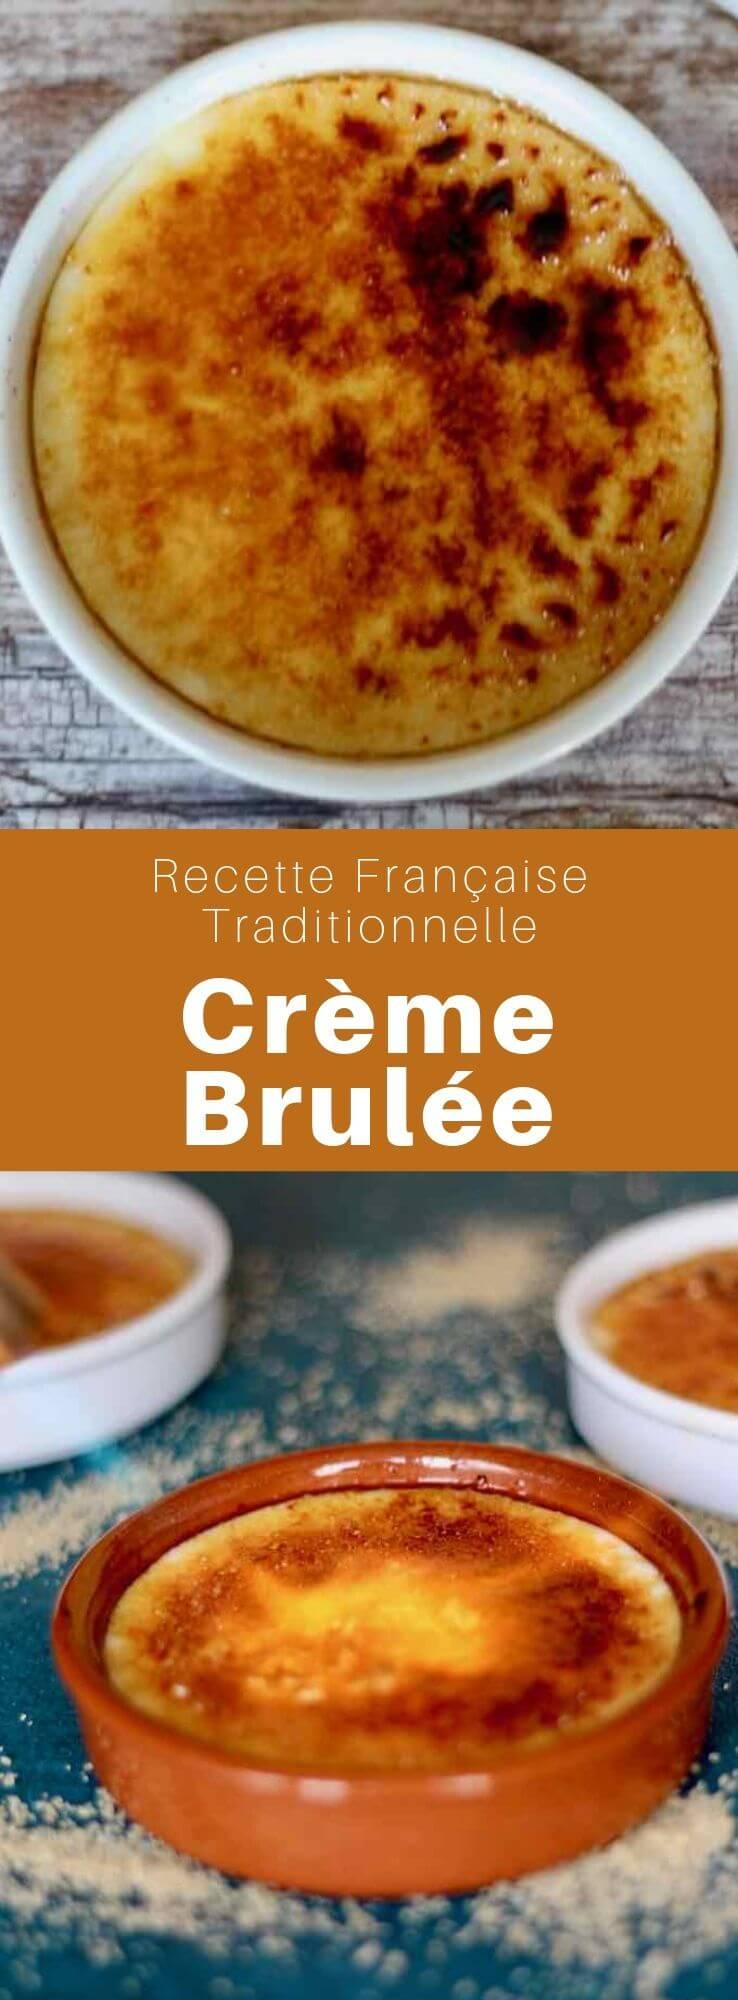 La crème brûlée est un dessert traditionnel français à la croute caramélisée croustillante composé de jaunes d'oeufs, lait, crème fraiche, sucre et vanille. #Ghana #Afrique #AfriqueDeLouest #RecetteAfricaine #CuisineAfricaine #CuisineDuMonde #196flavors